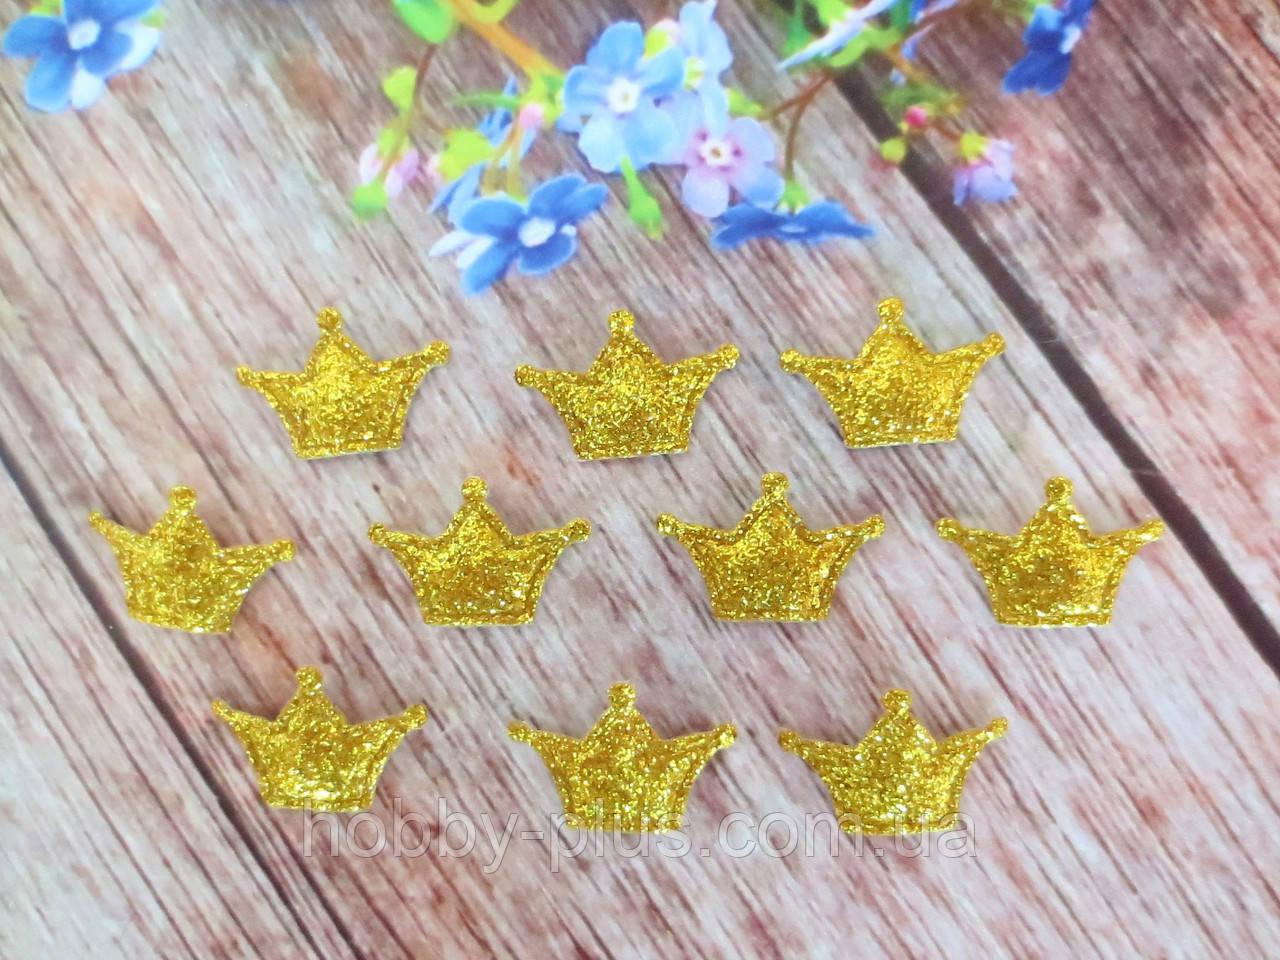 """Аппликация, патчи """"Корона"""", мелкий глиттер, цвет насыщенное золото, 20х15 мм, 10 шт."""